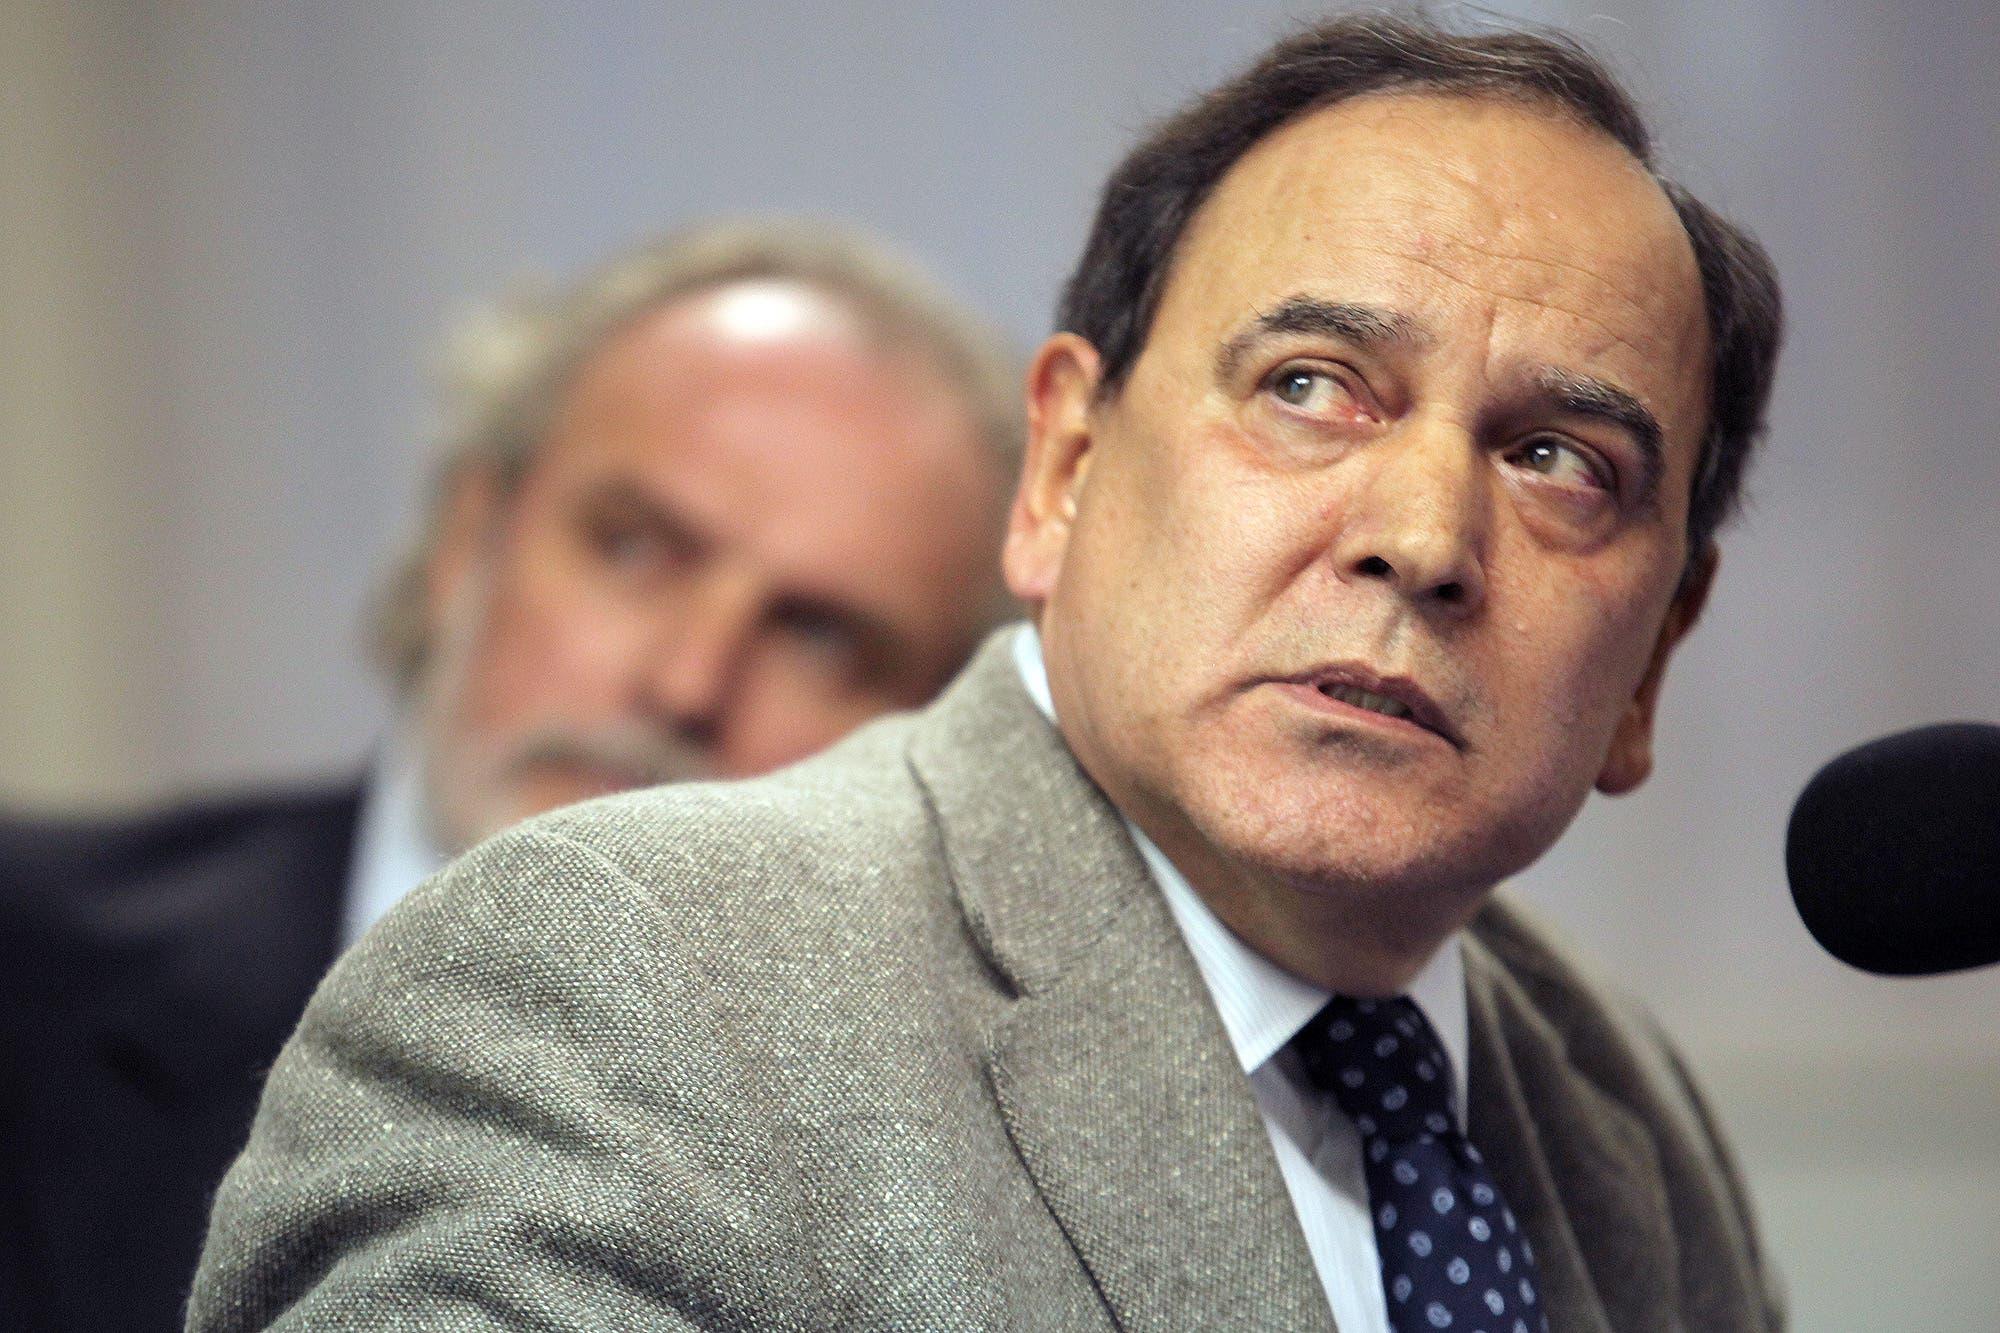 La Cámara Federal revocó los procesamientos contra exdirectivos de Enarsa y empresarios